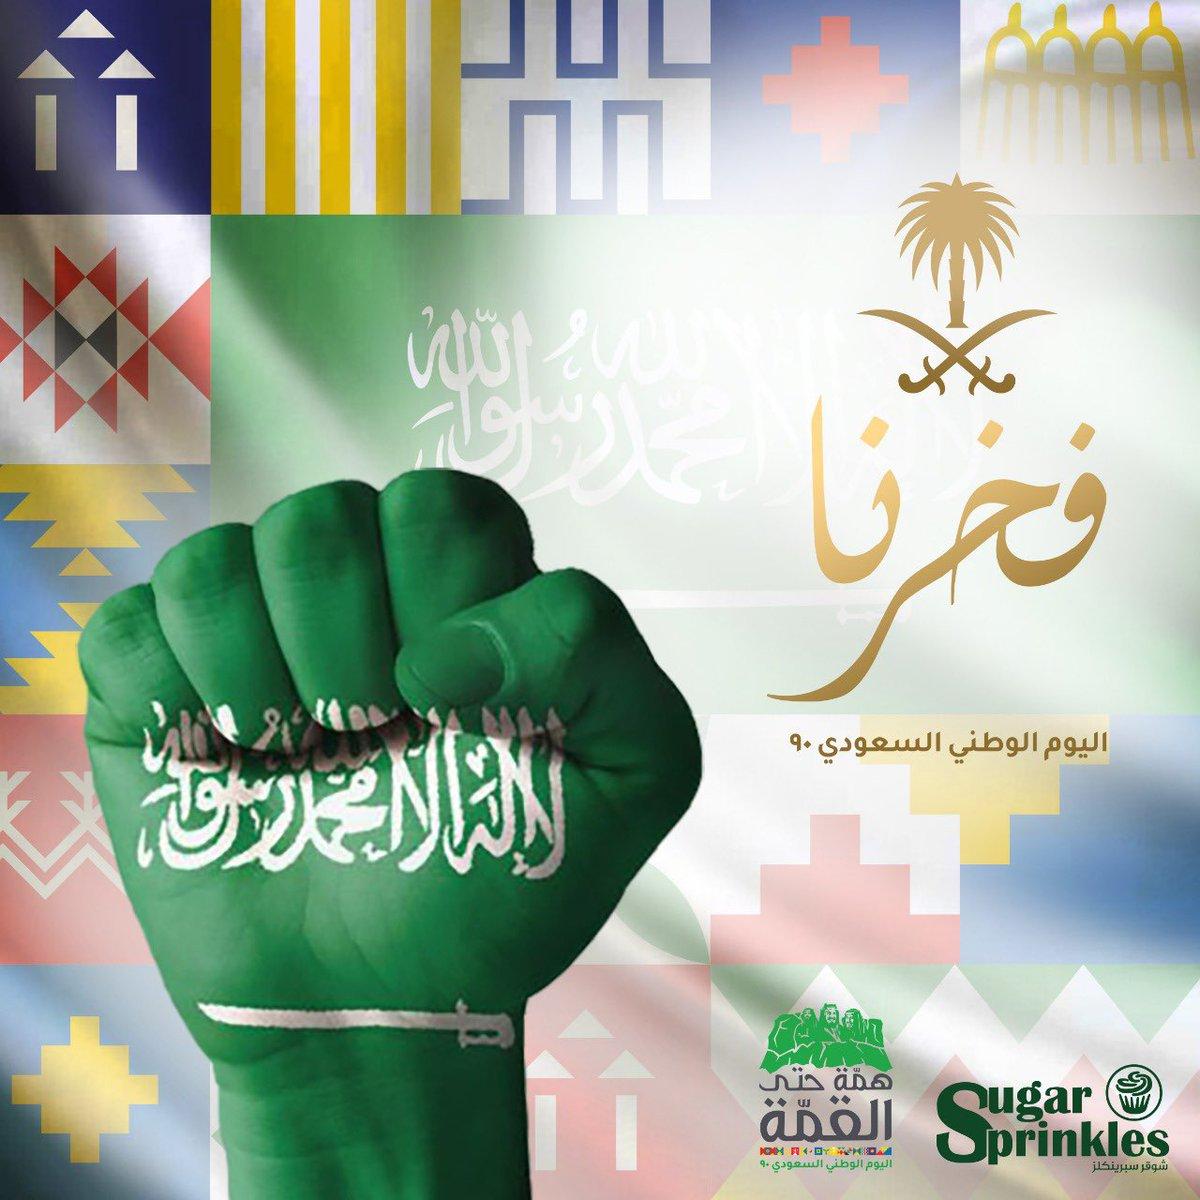 كل عام ووطننا وولاة أمرنا وشعبنا بألف خير 💚🇸🇦 #اليوم_الوطني_السعودي_90 https://t.co/RxNDRBYnhk